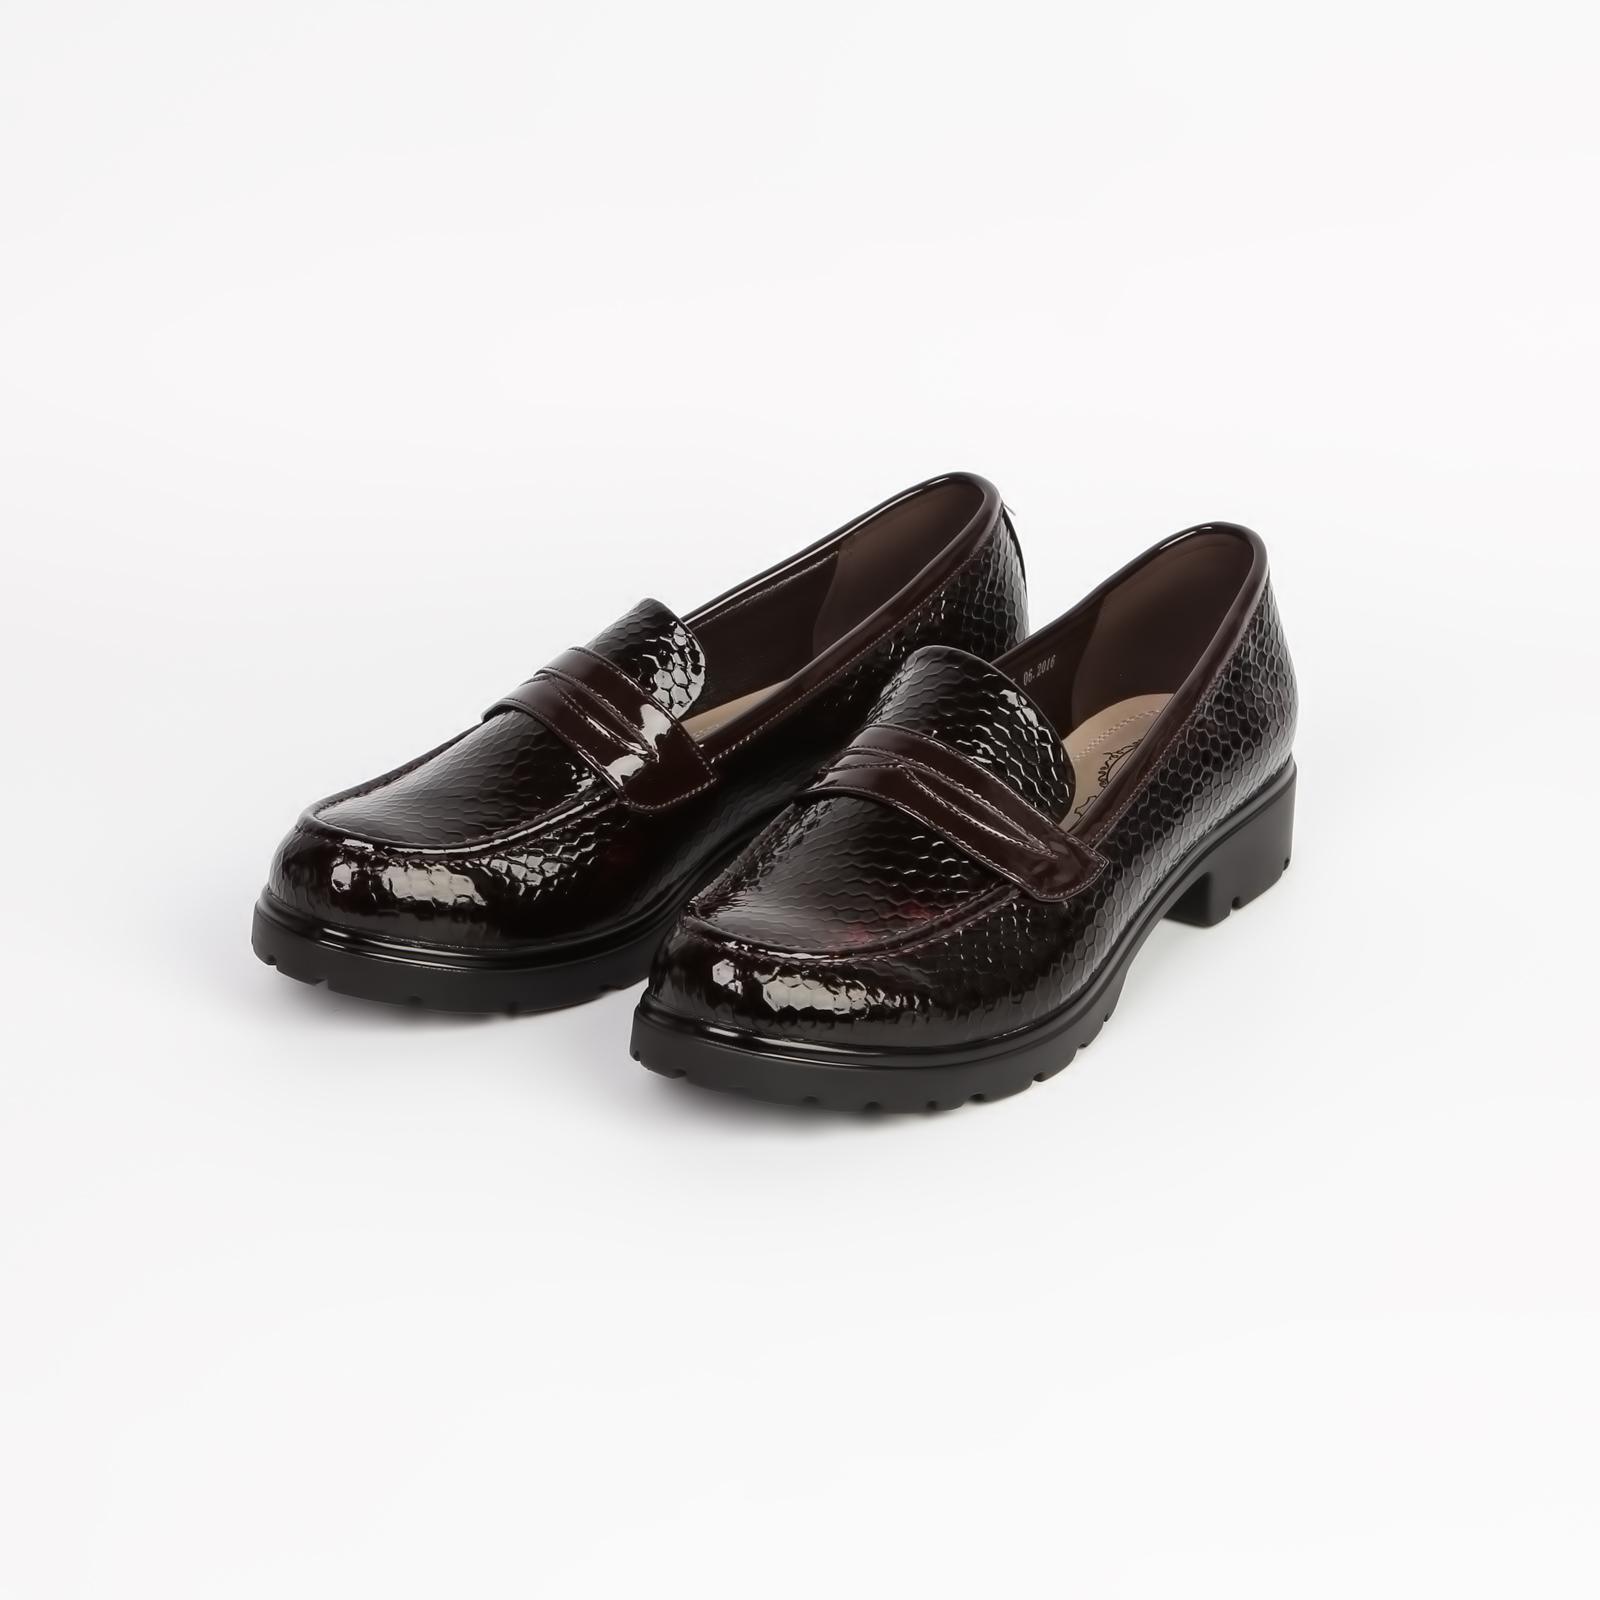 Туфли женские лакированные под «рептилию» с элегантной застежкой на мысу